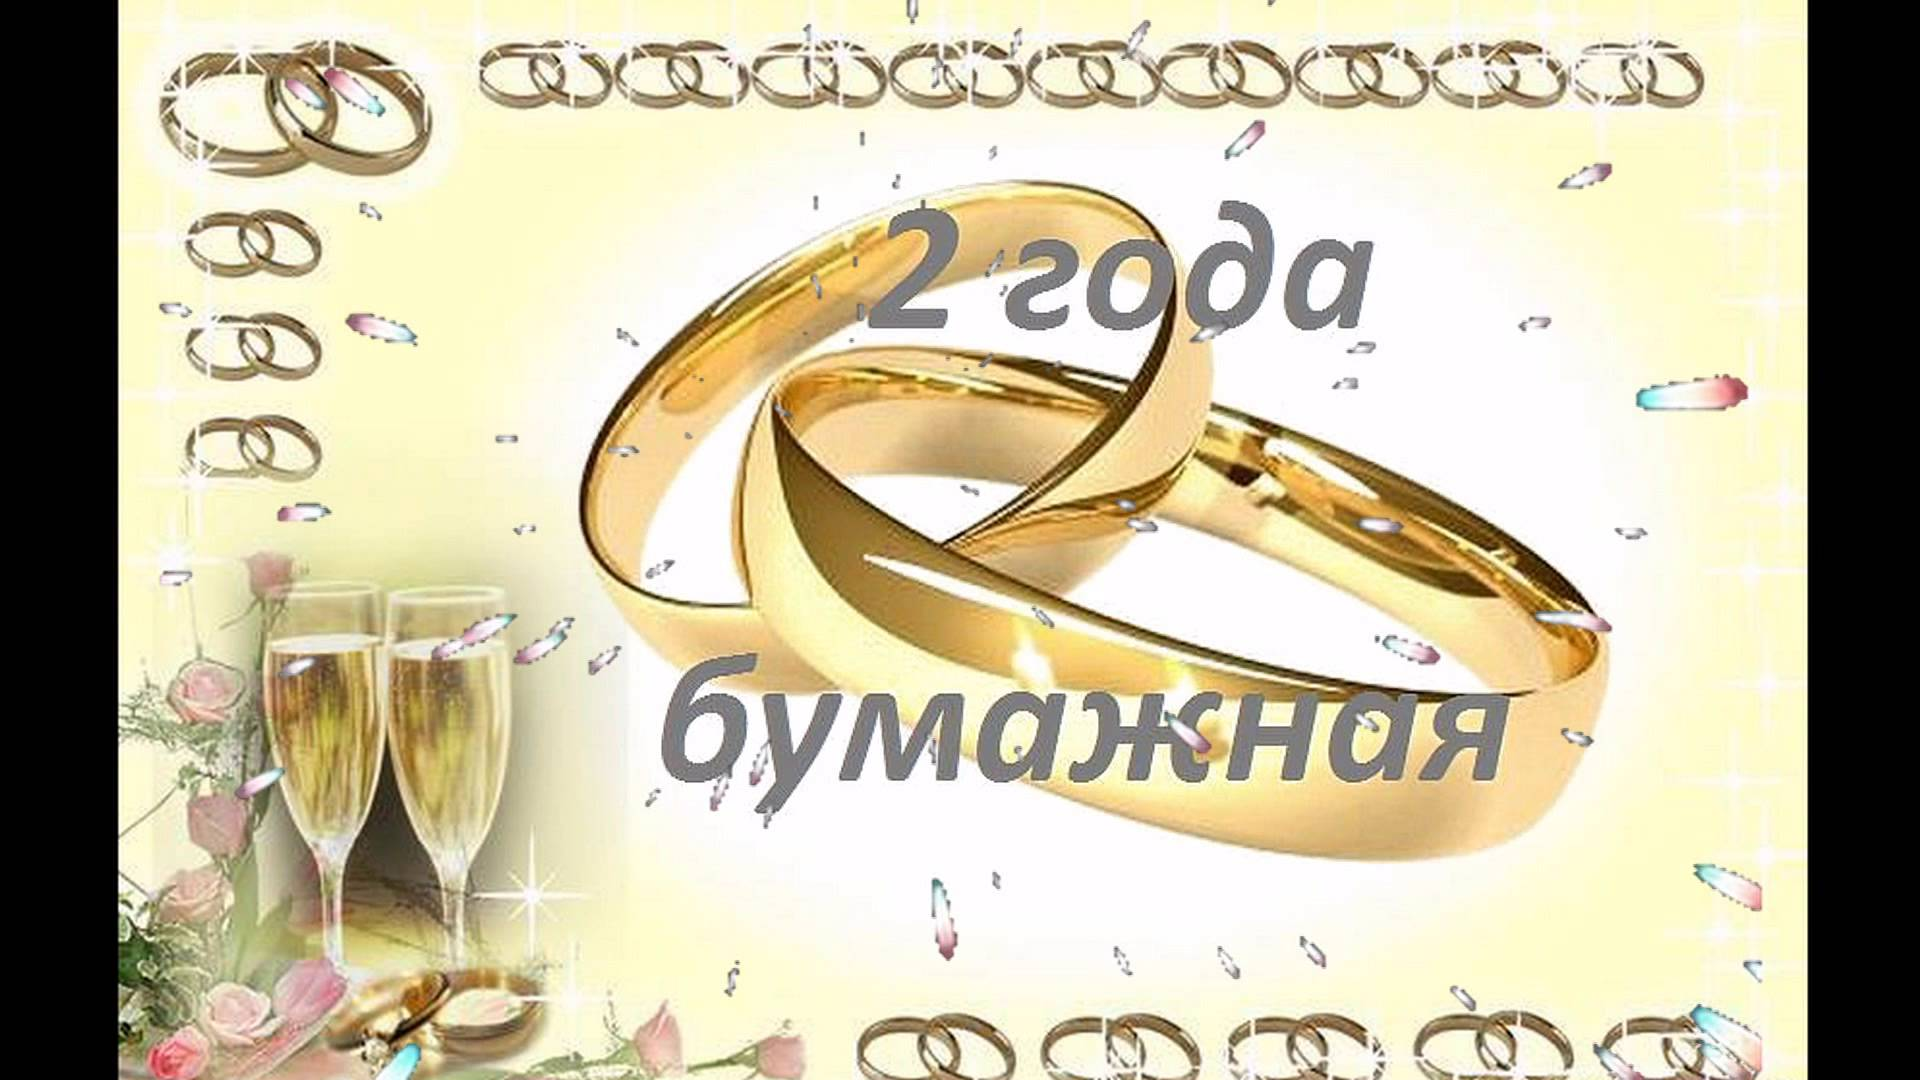 случае, бумажная свадьба поздравления мужу от жены на ватмане имеет широкий